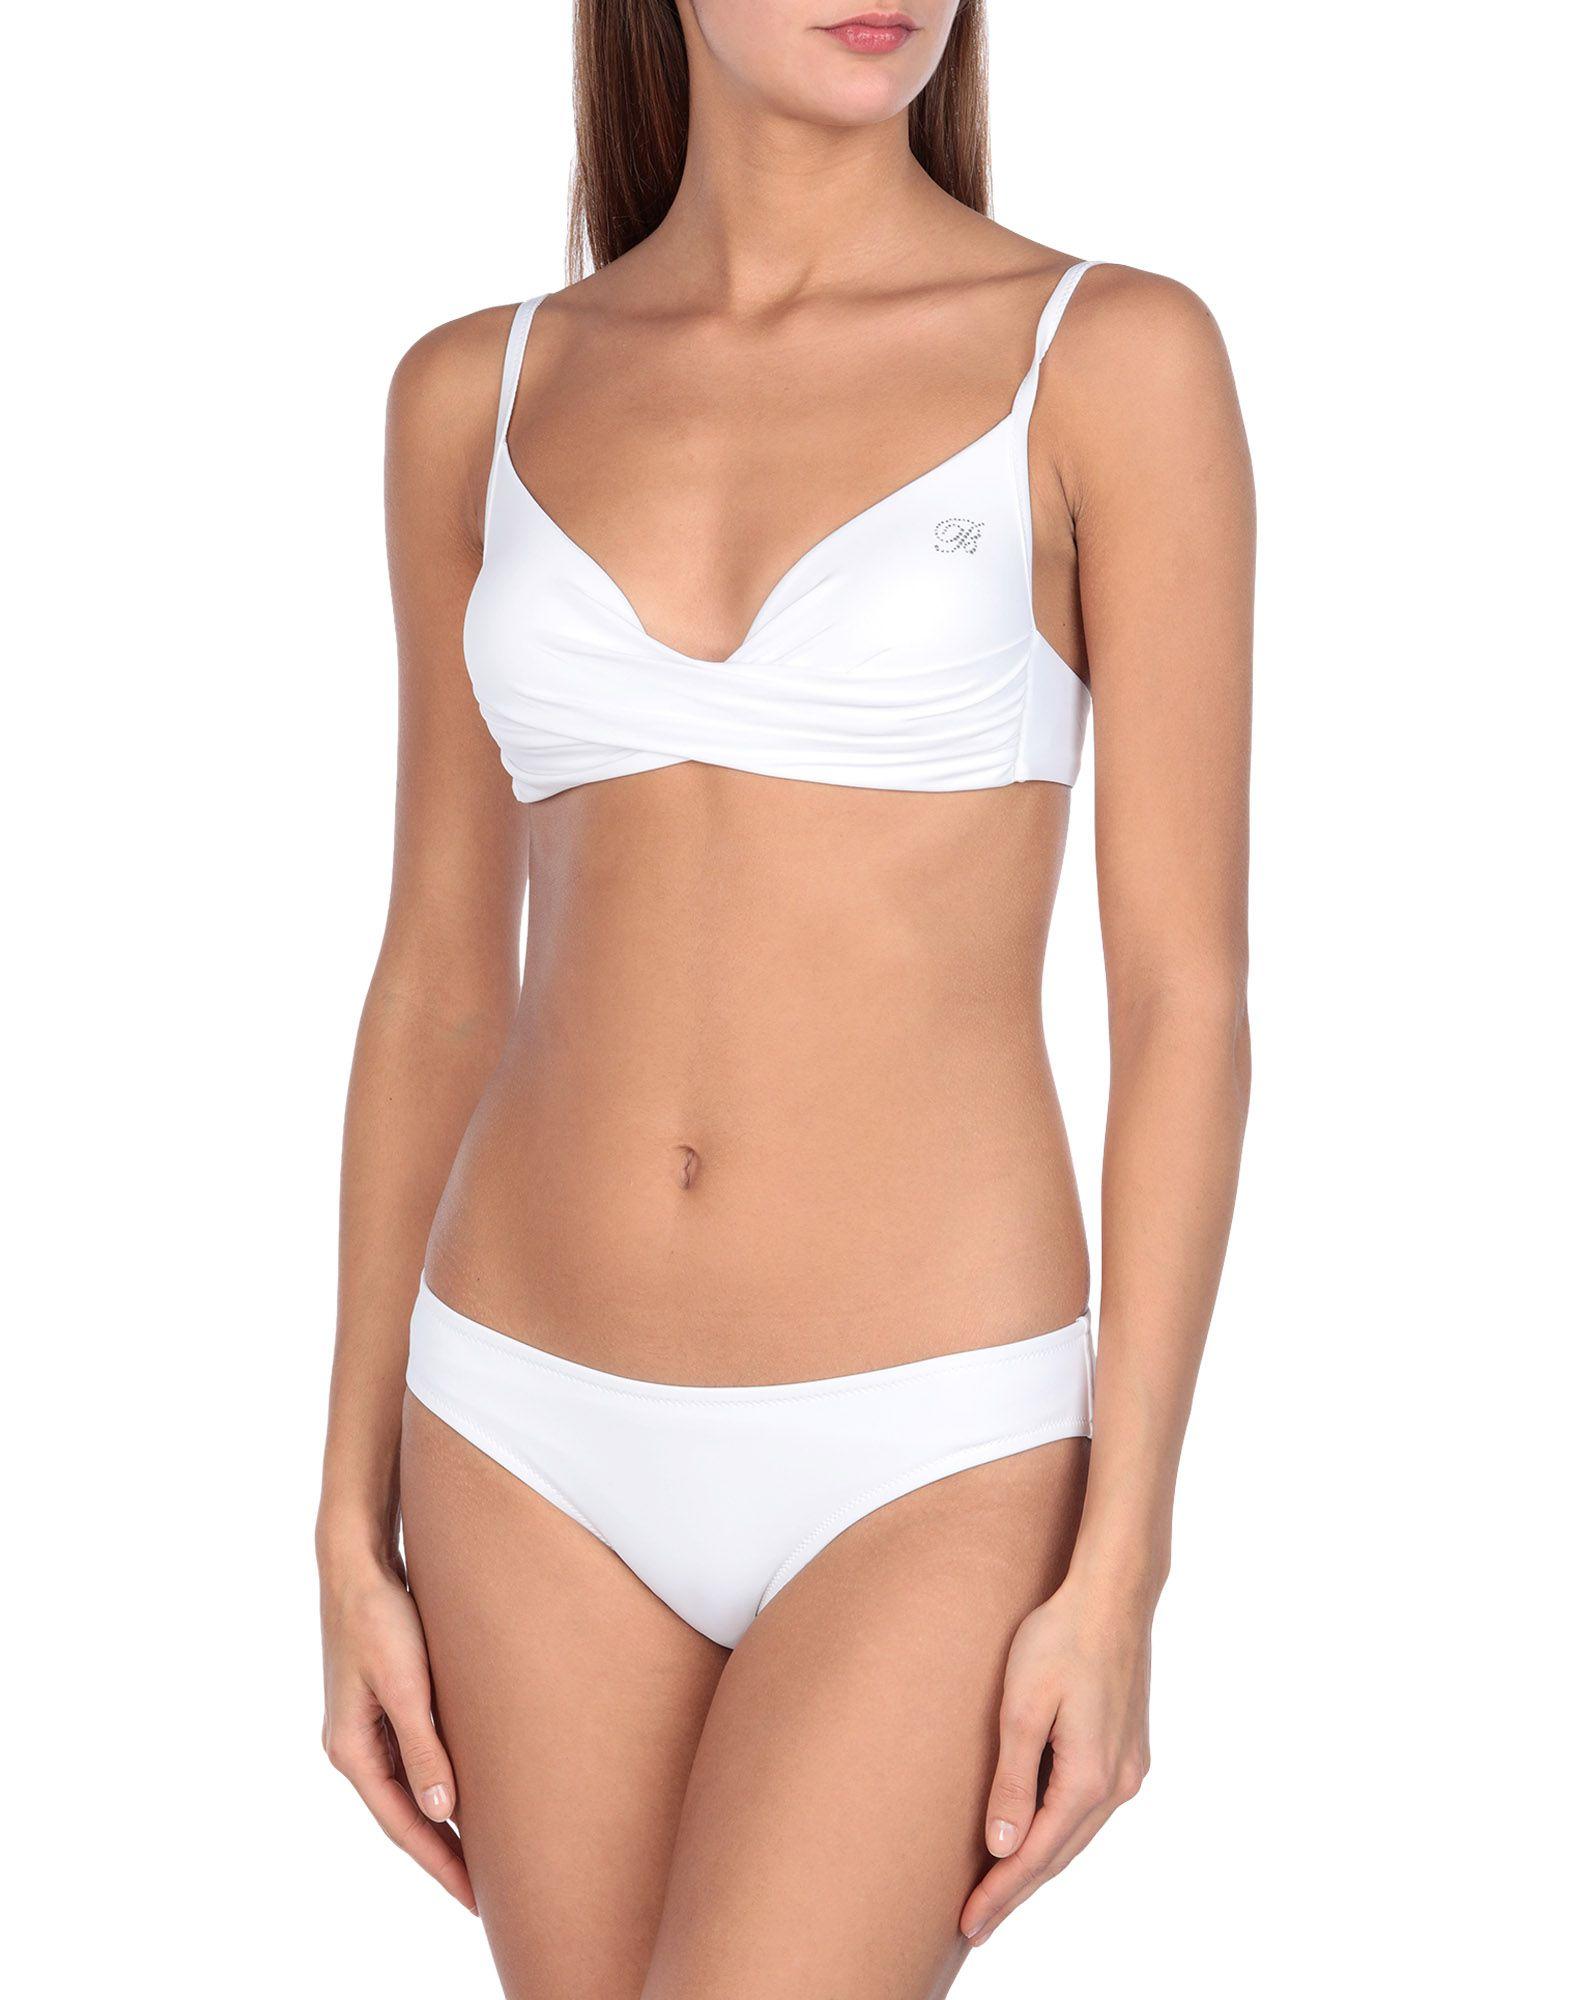 BLUMARINE BEACHWEAR Бикини женские купальники bikinis женщины 2017 толчок сексуальный комплект бикини женская молния beachwear купальный костюм